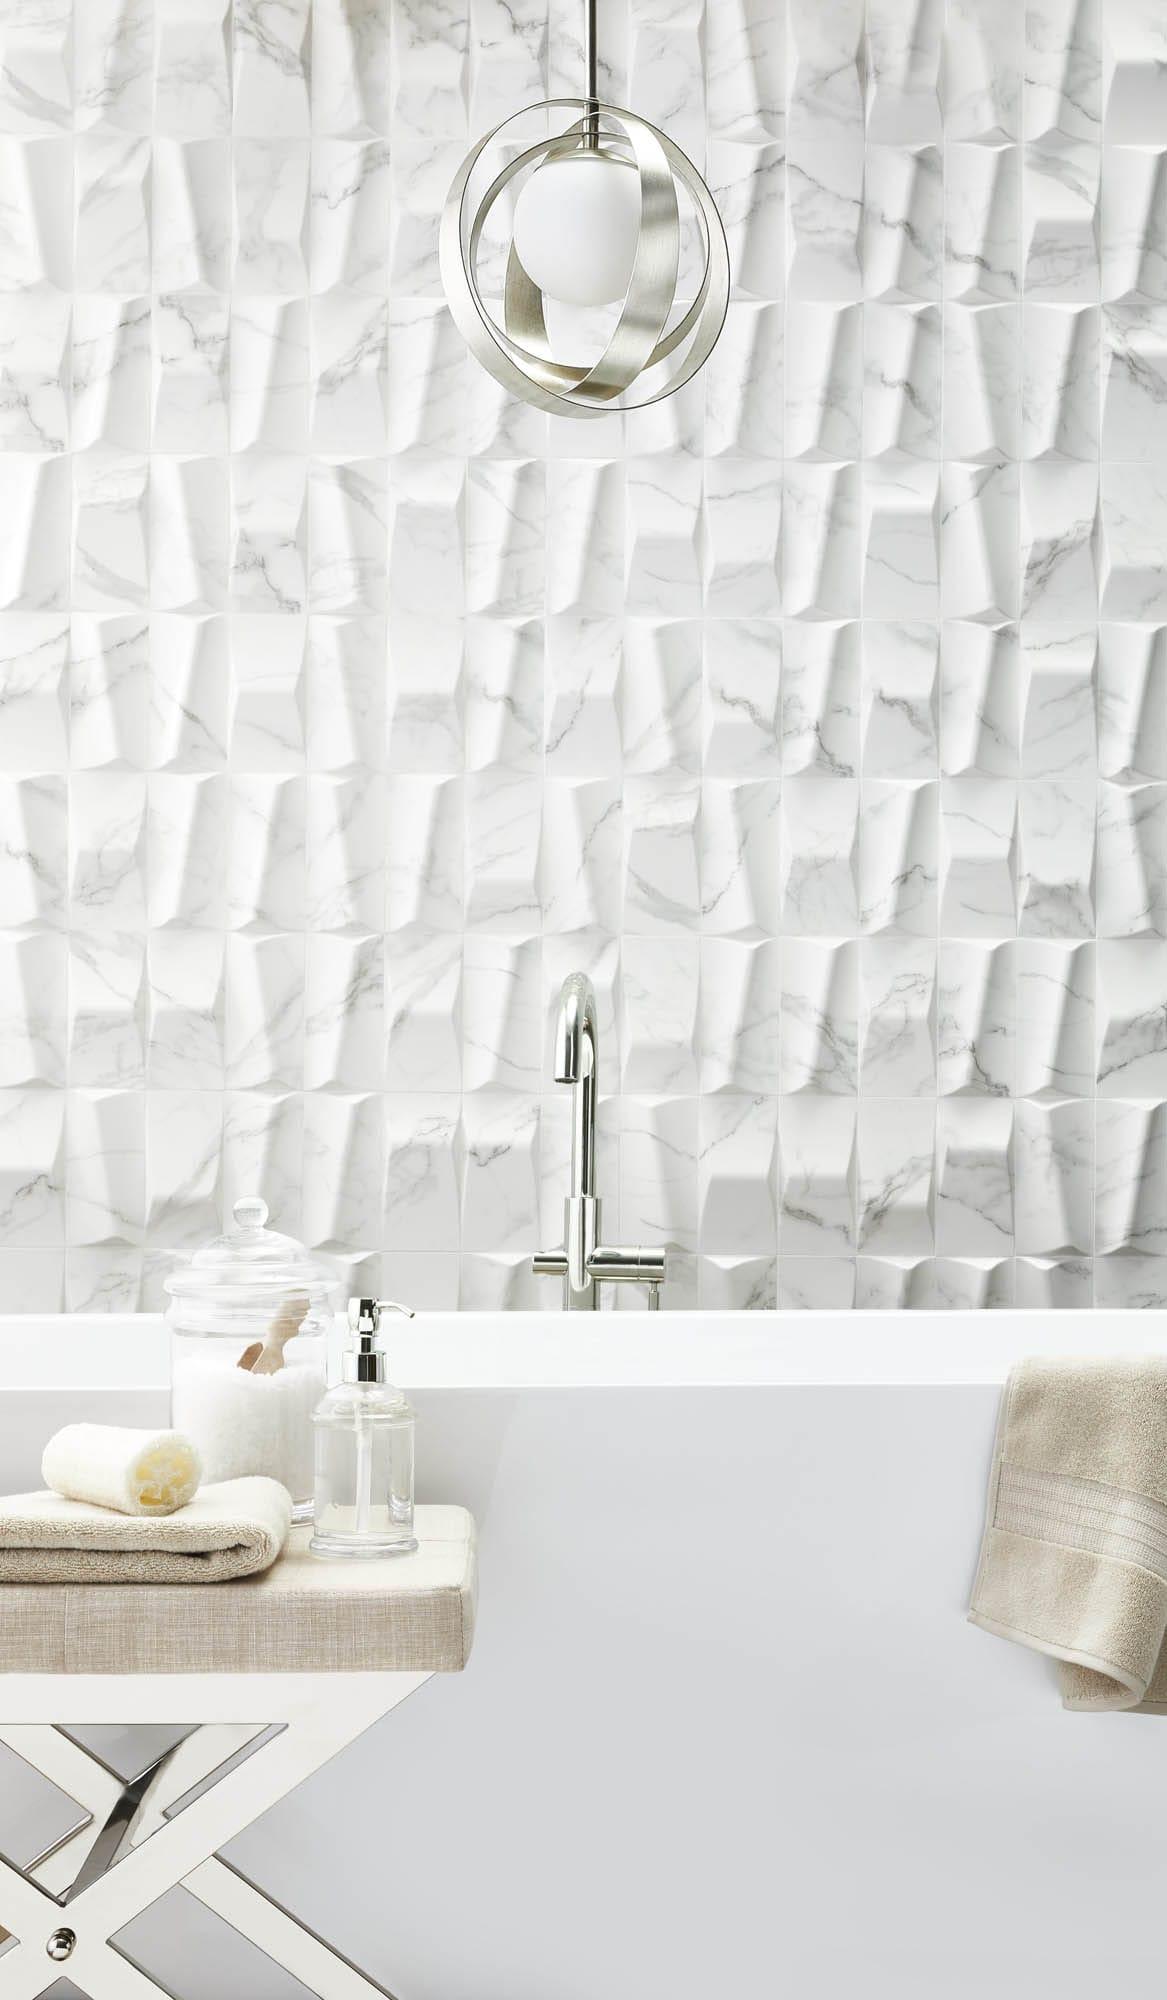 Sculptural white bathroom wall tile